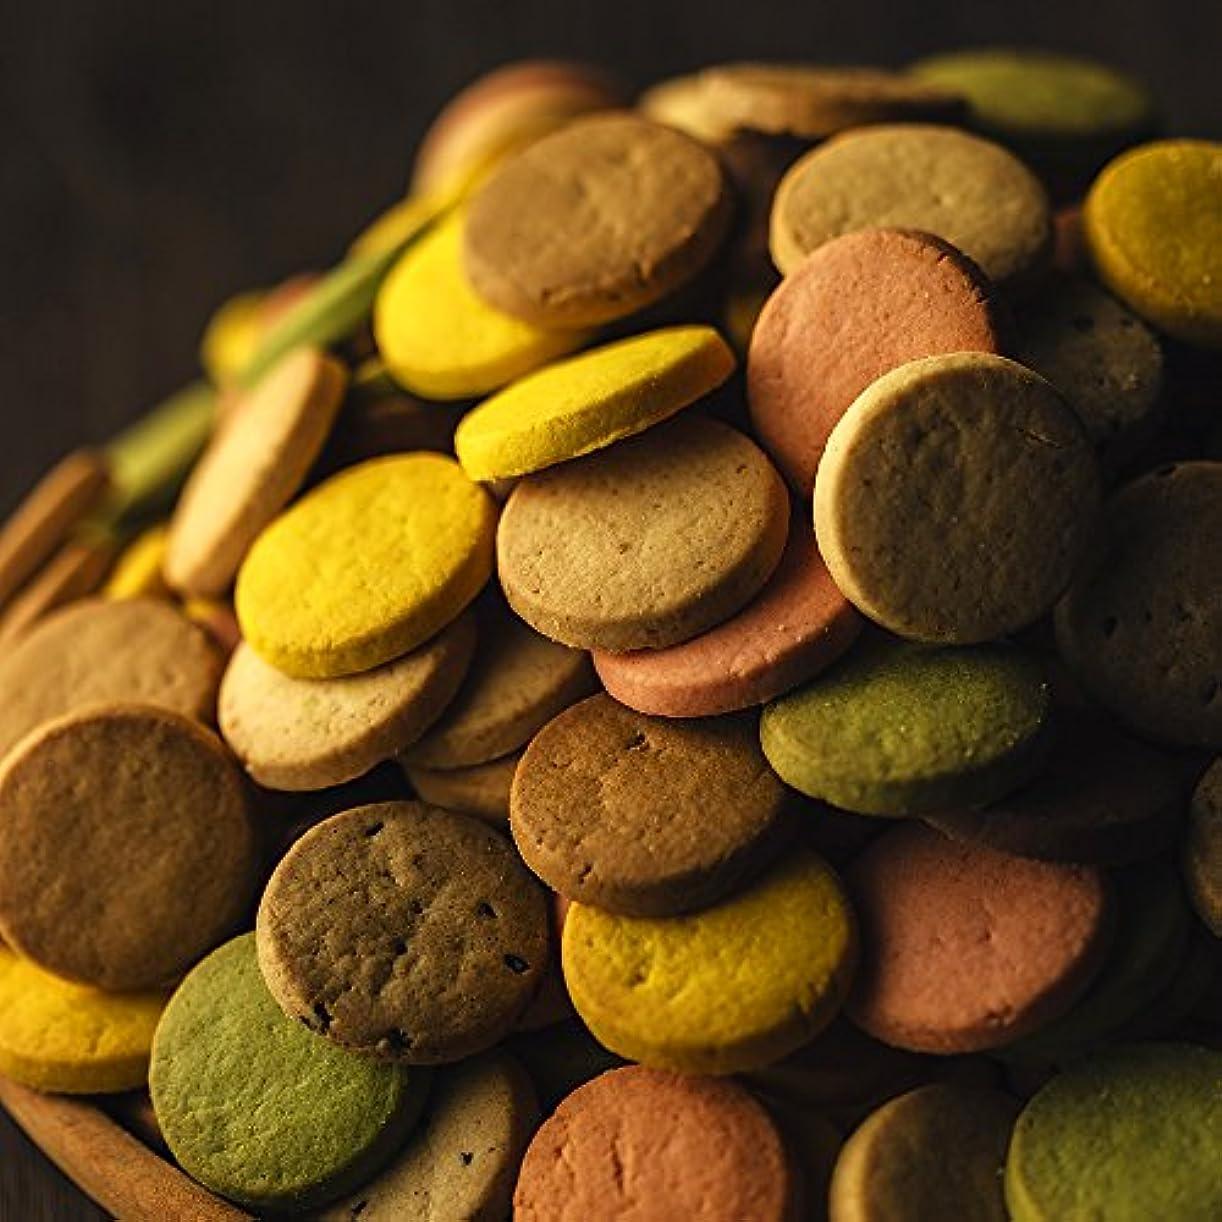 マニア再生的シャー豆乳おからクッキー蒟蒻マンナン入り 1kg